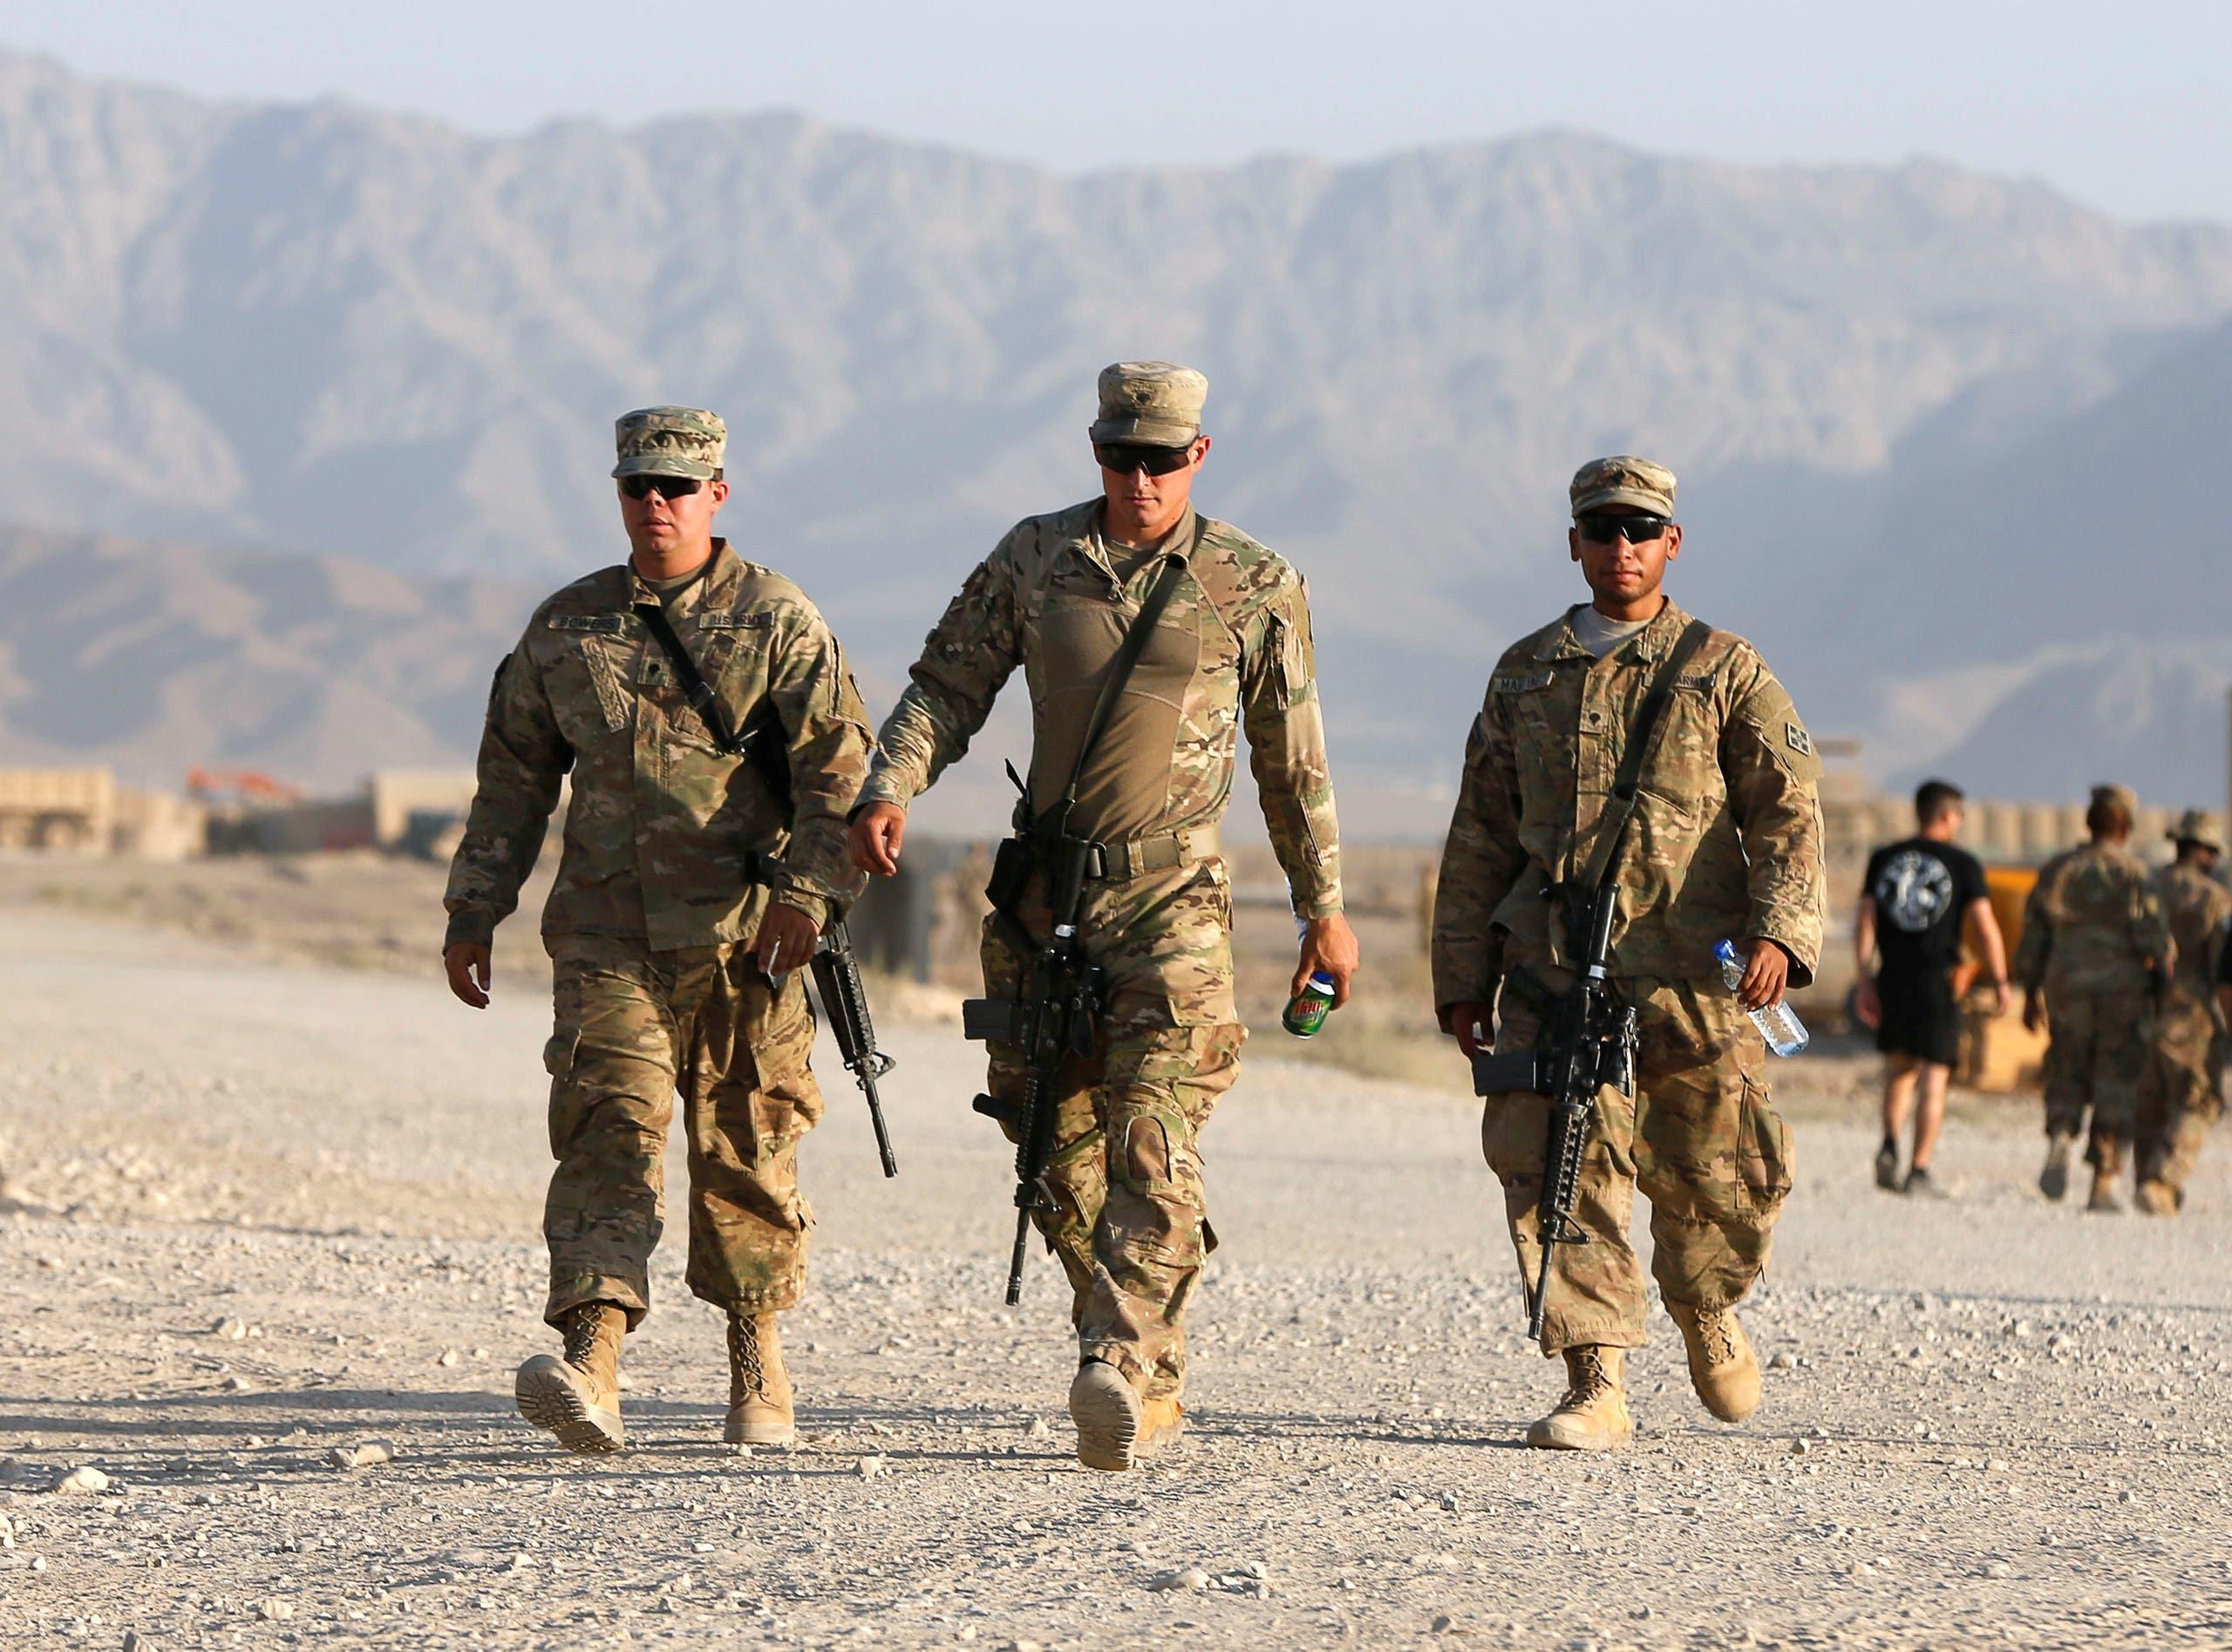 عناصر من القوات الأميركية في أفغانستان